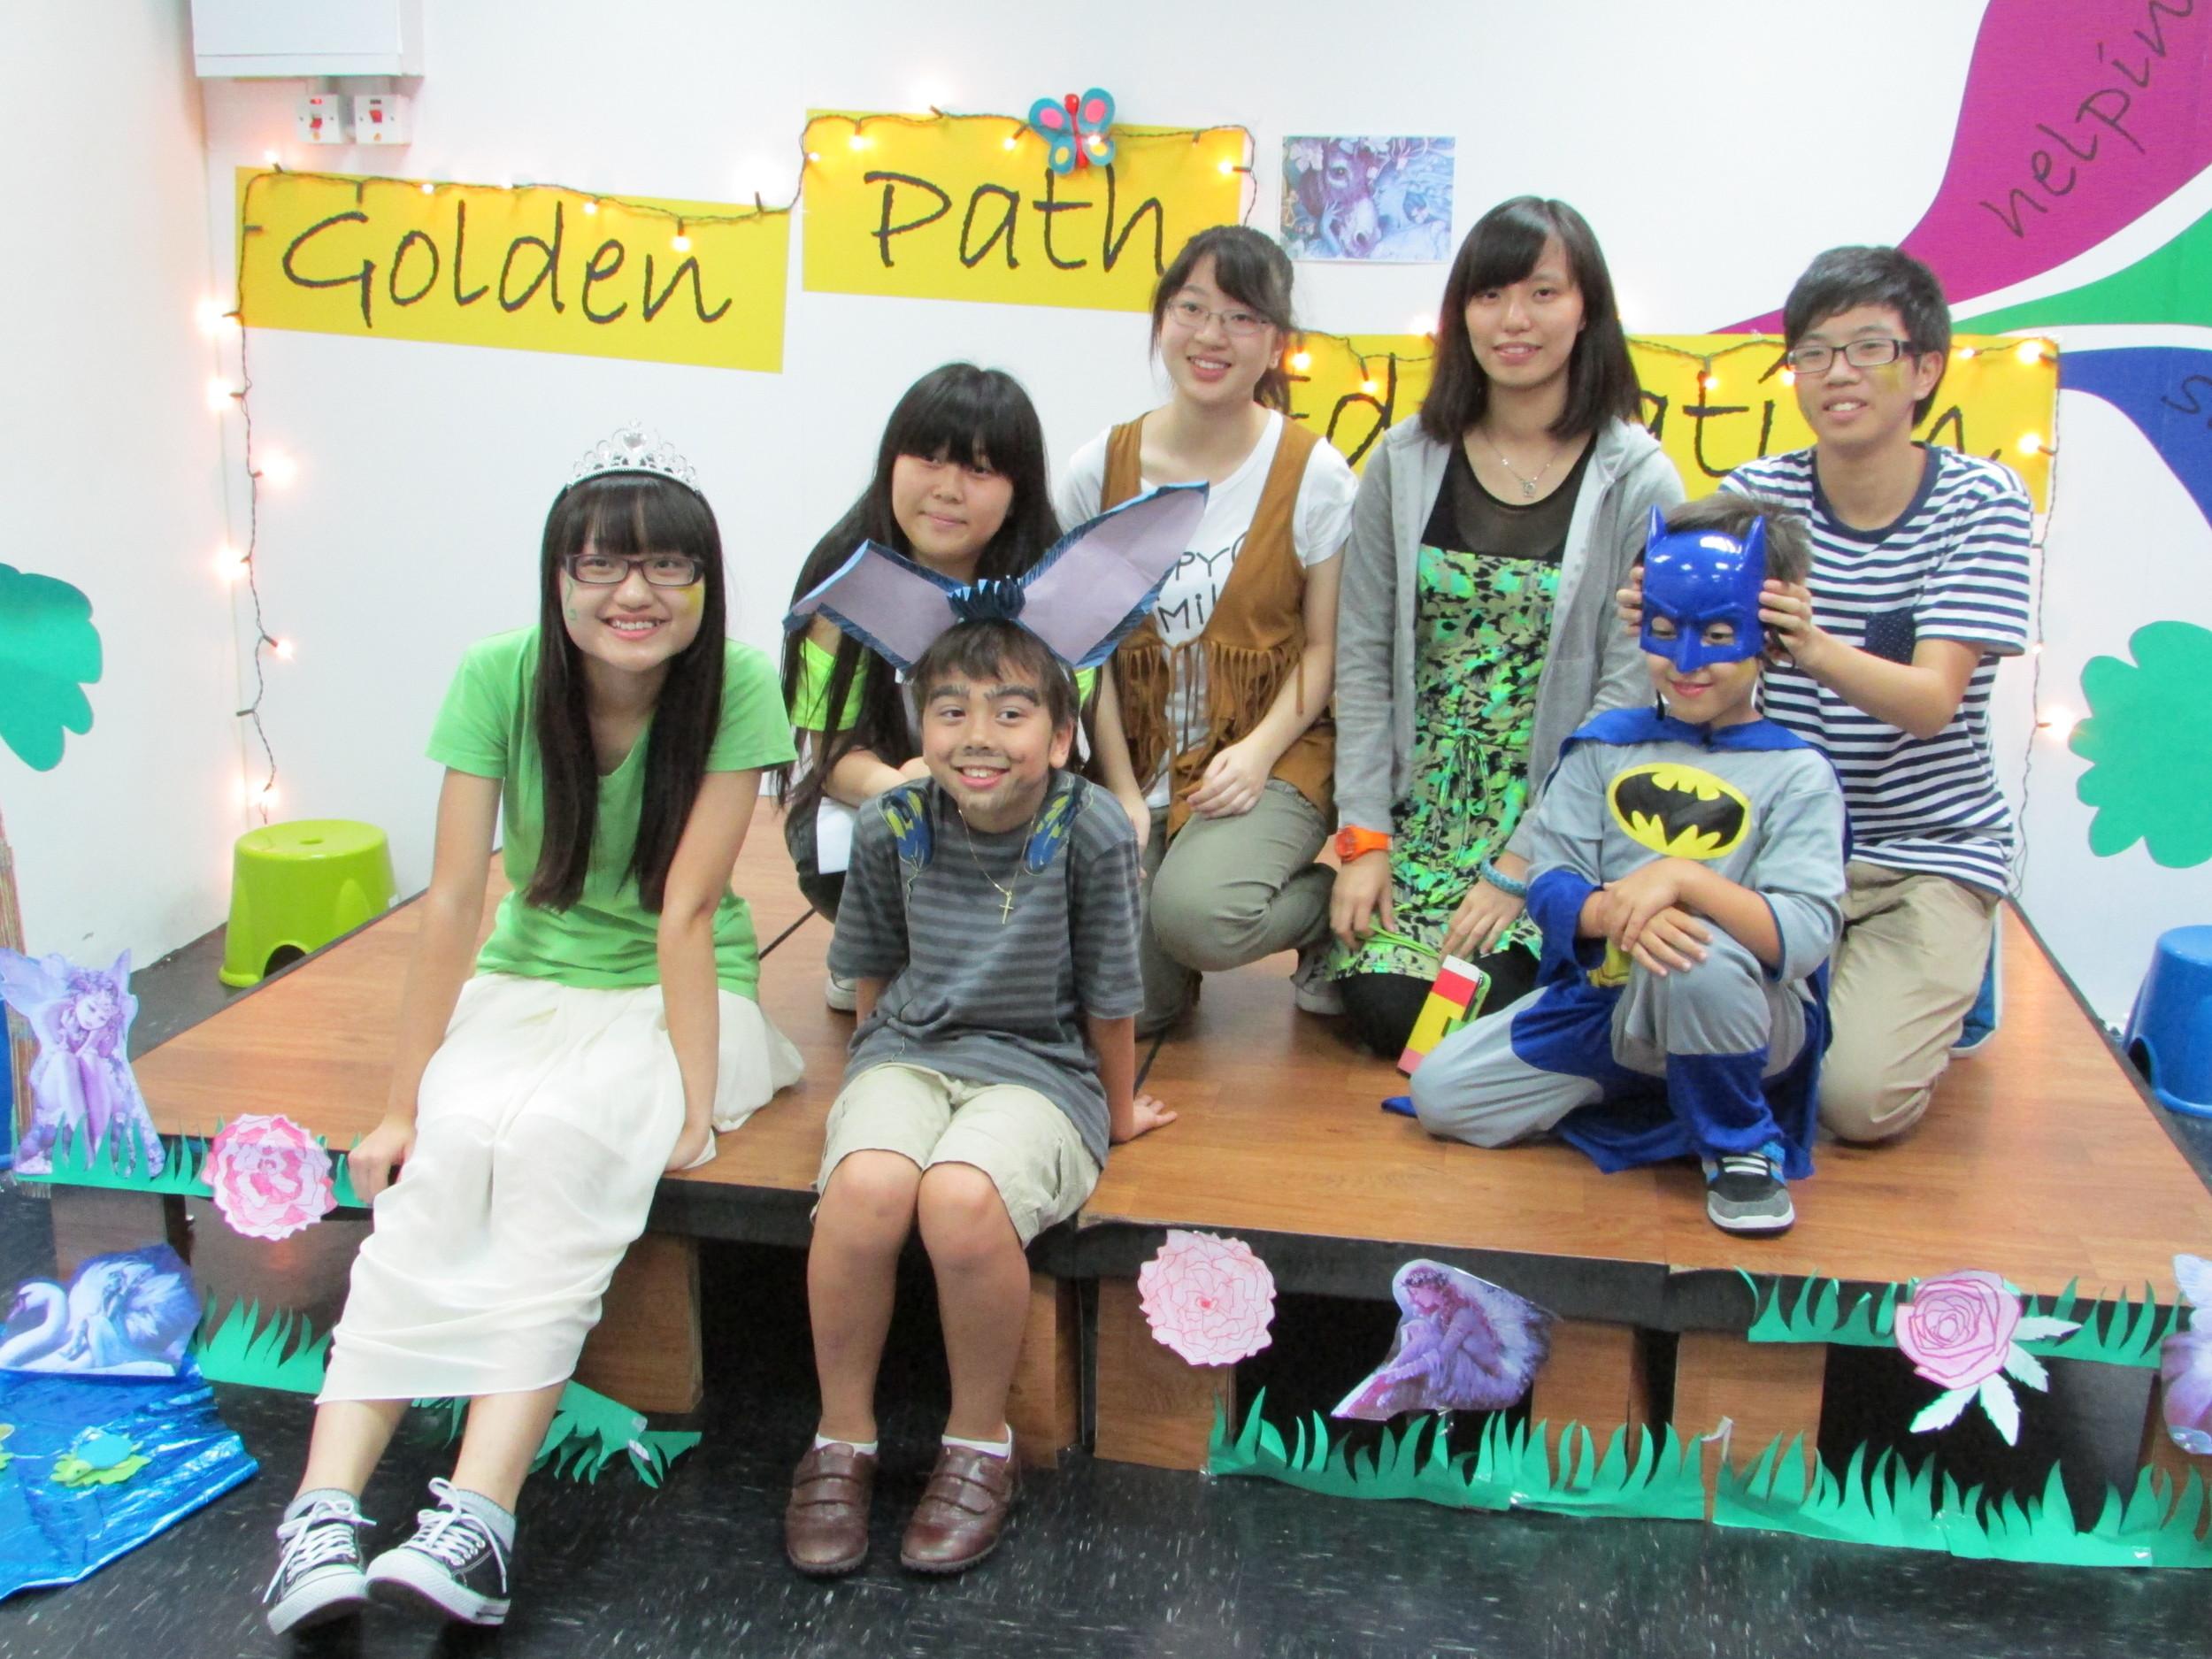 GoldenPatha.JPG